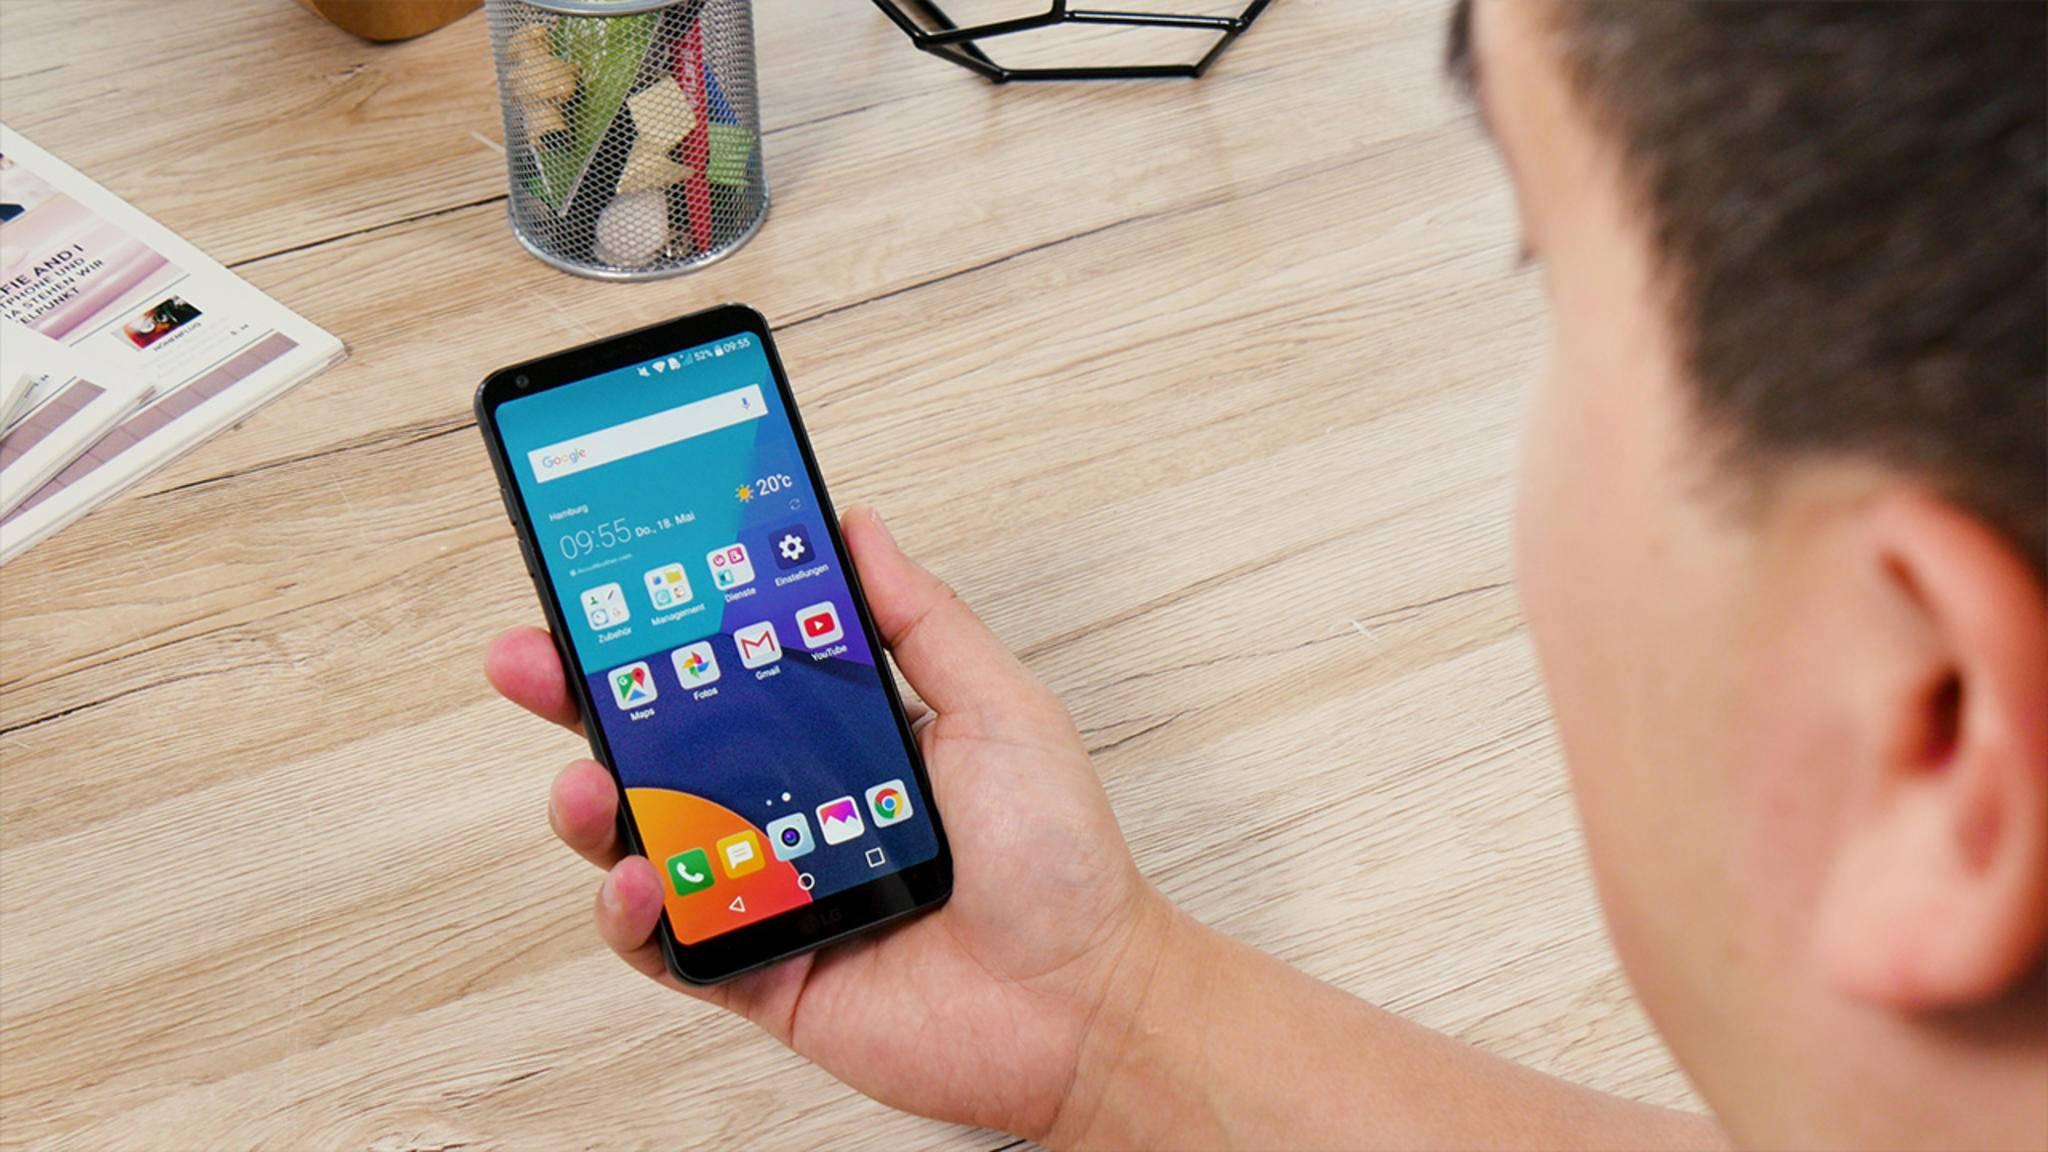 Android-Apps lassen sich auf verschiedene Wege verstecken.